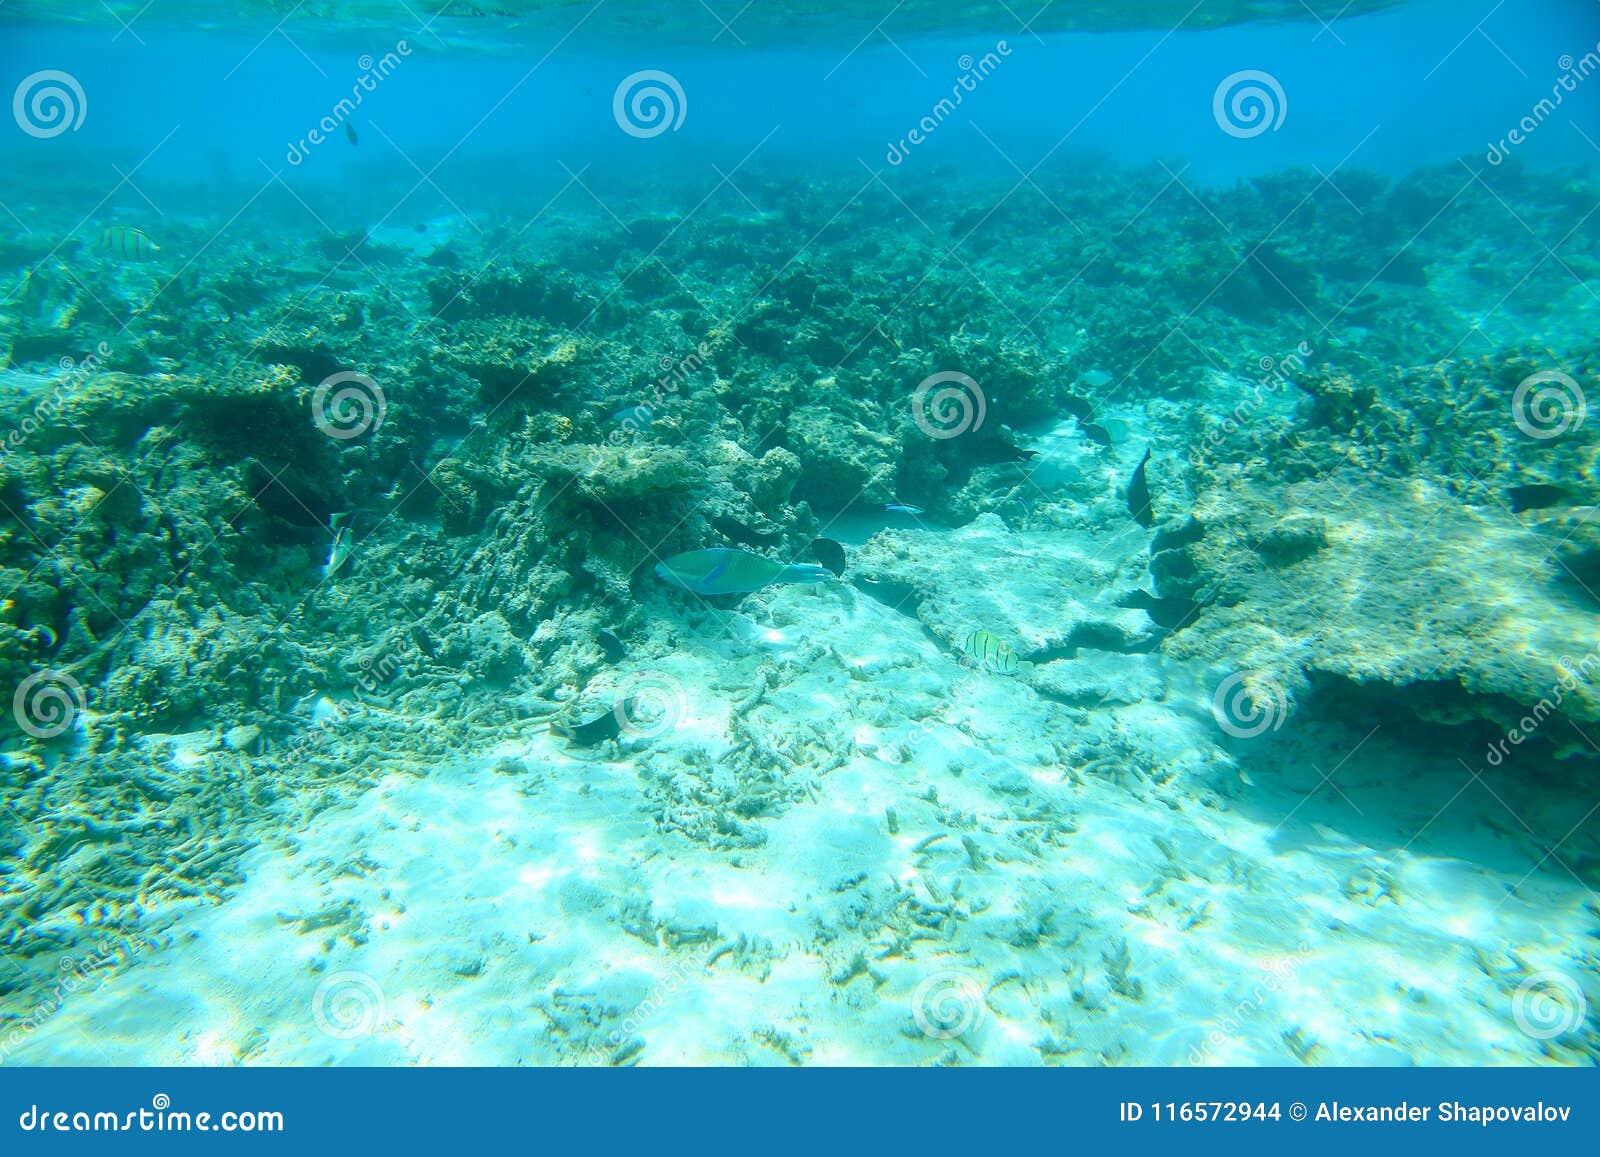 Wspaniały widok na rafach koralowa i białym piasku pod wodą gili Indonesia wyspy lombok meno blisko dennego żółwia underwater świ